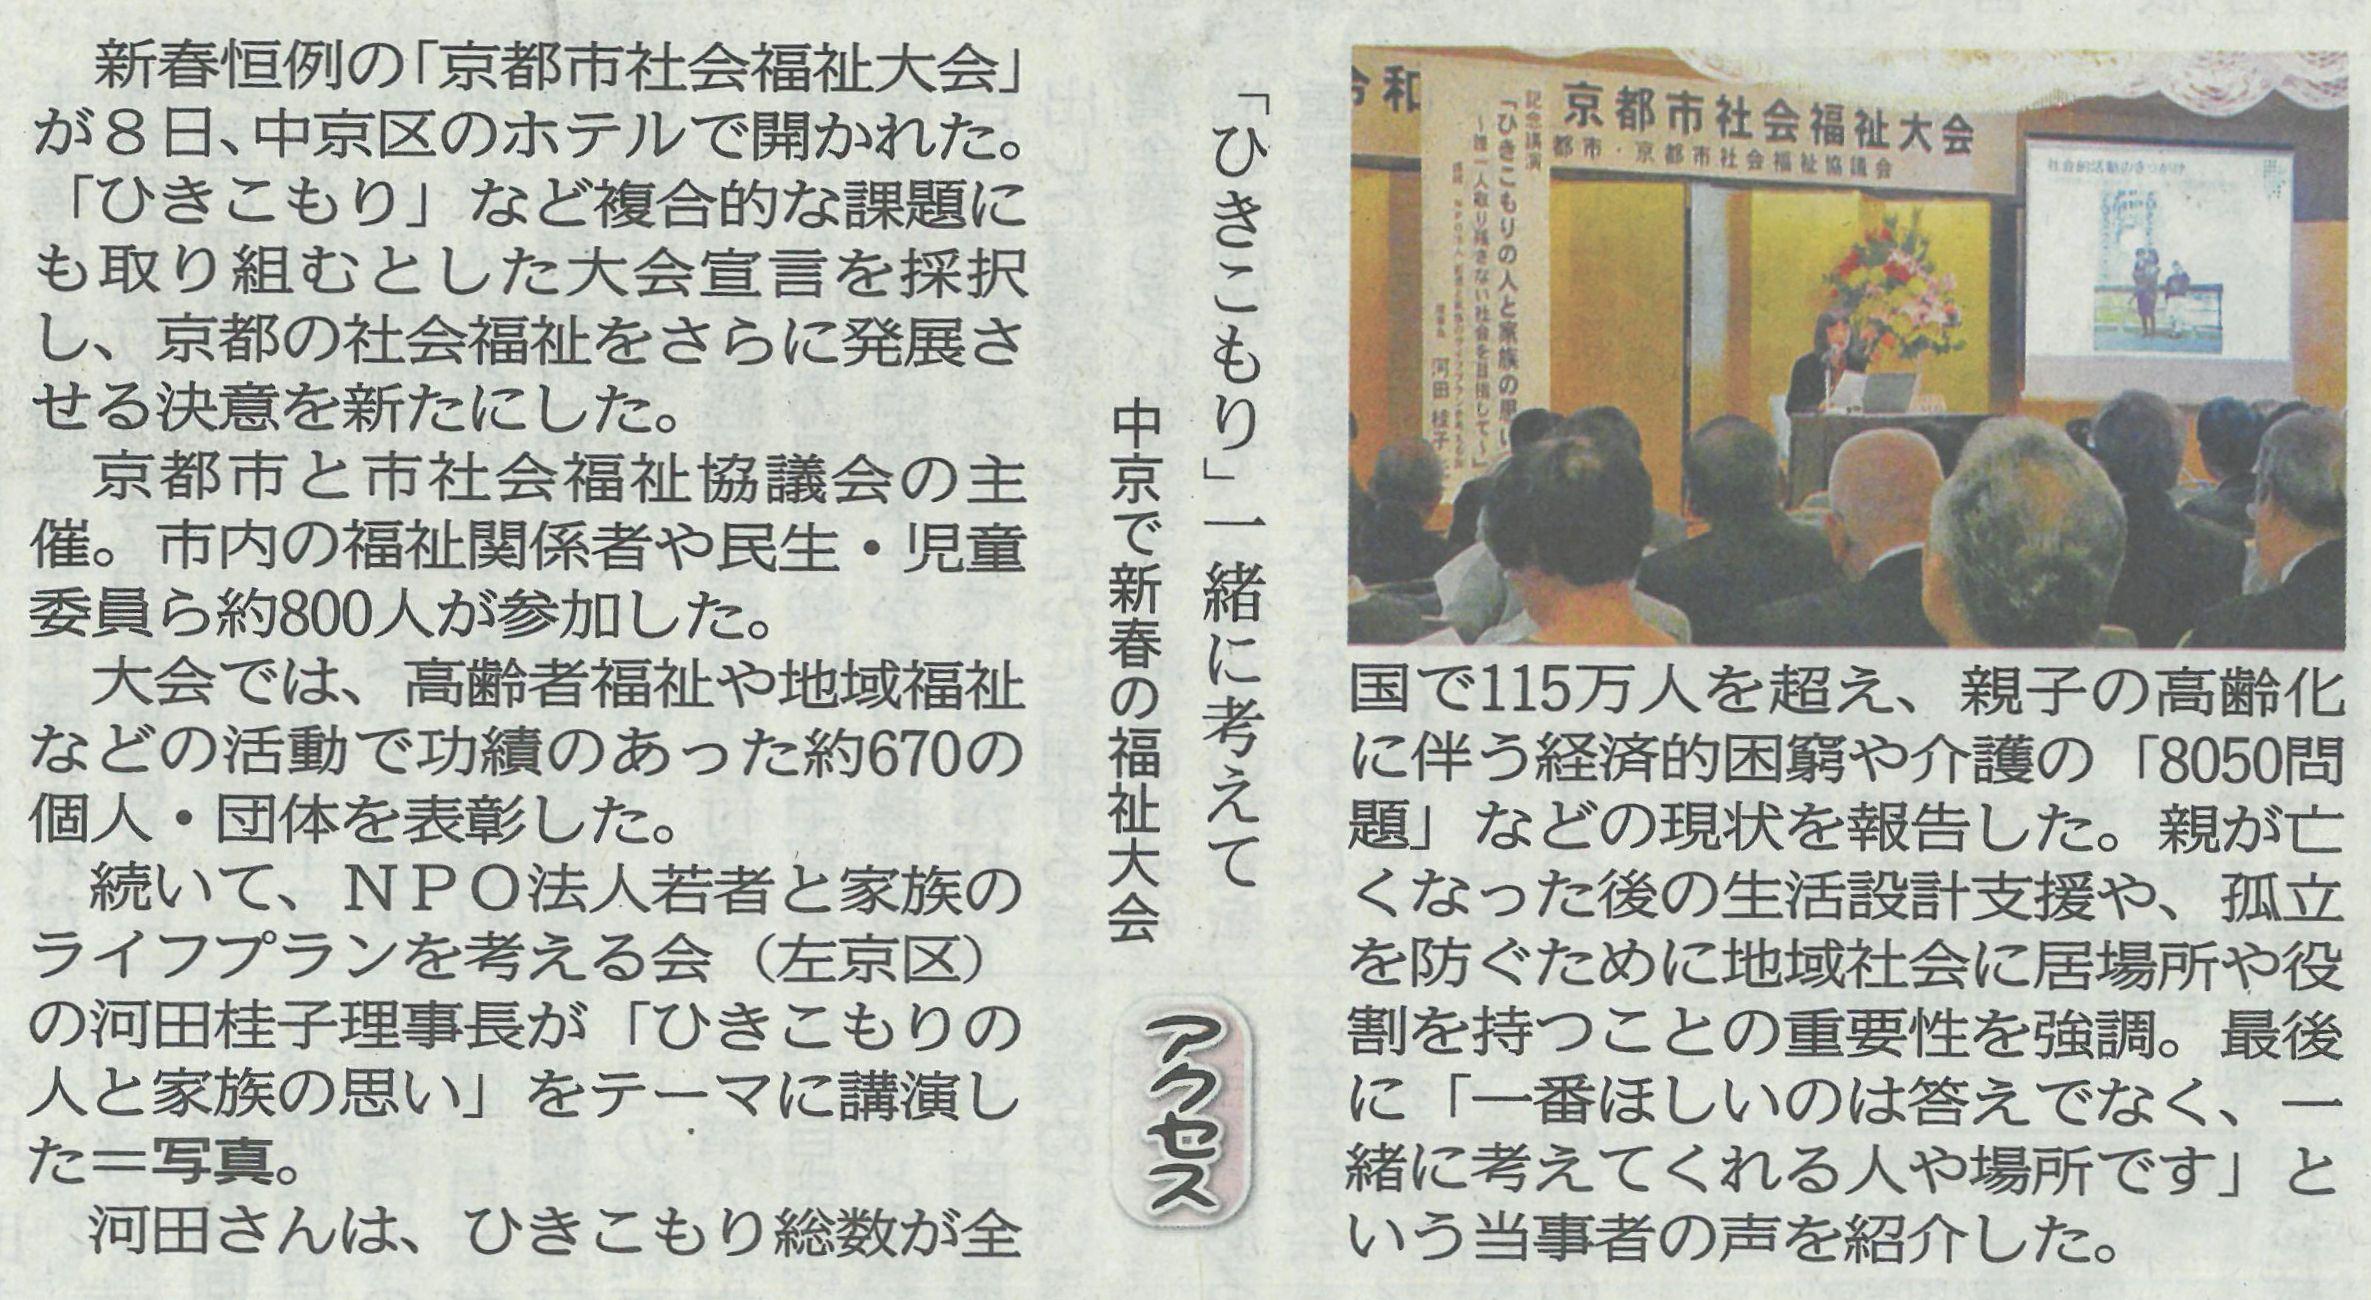 20200113京都新聞 京都市社会福祉大会